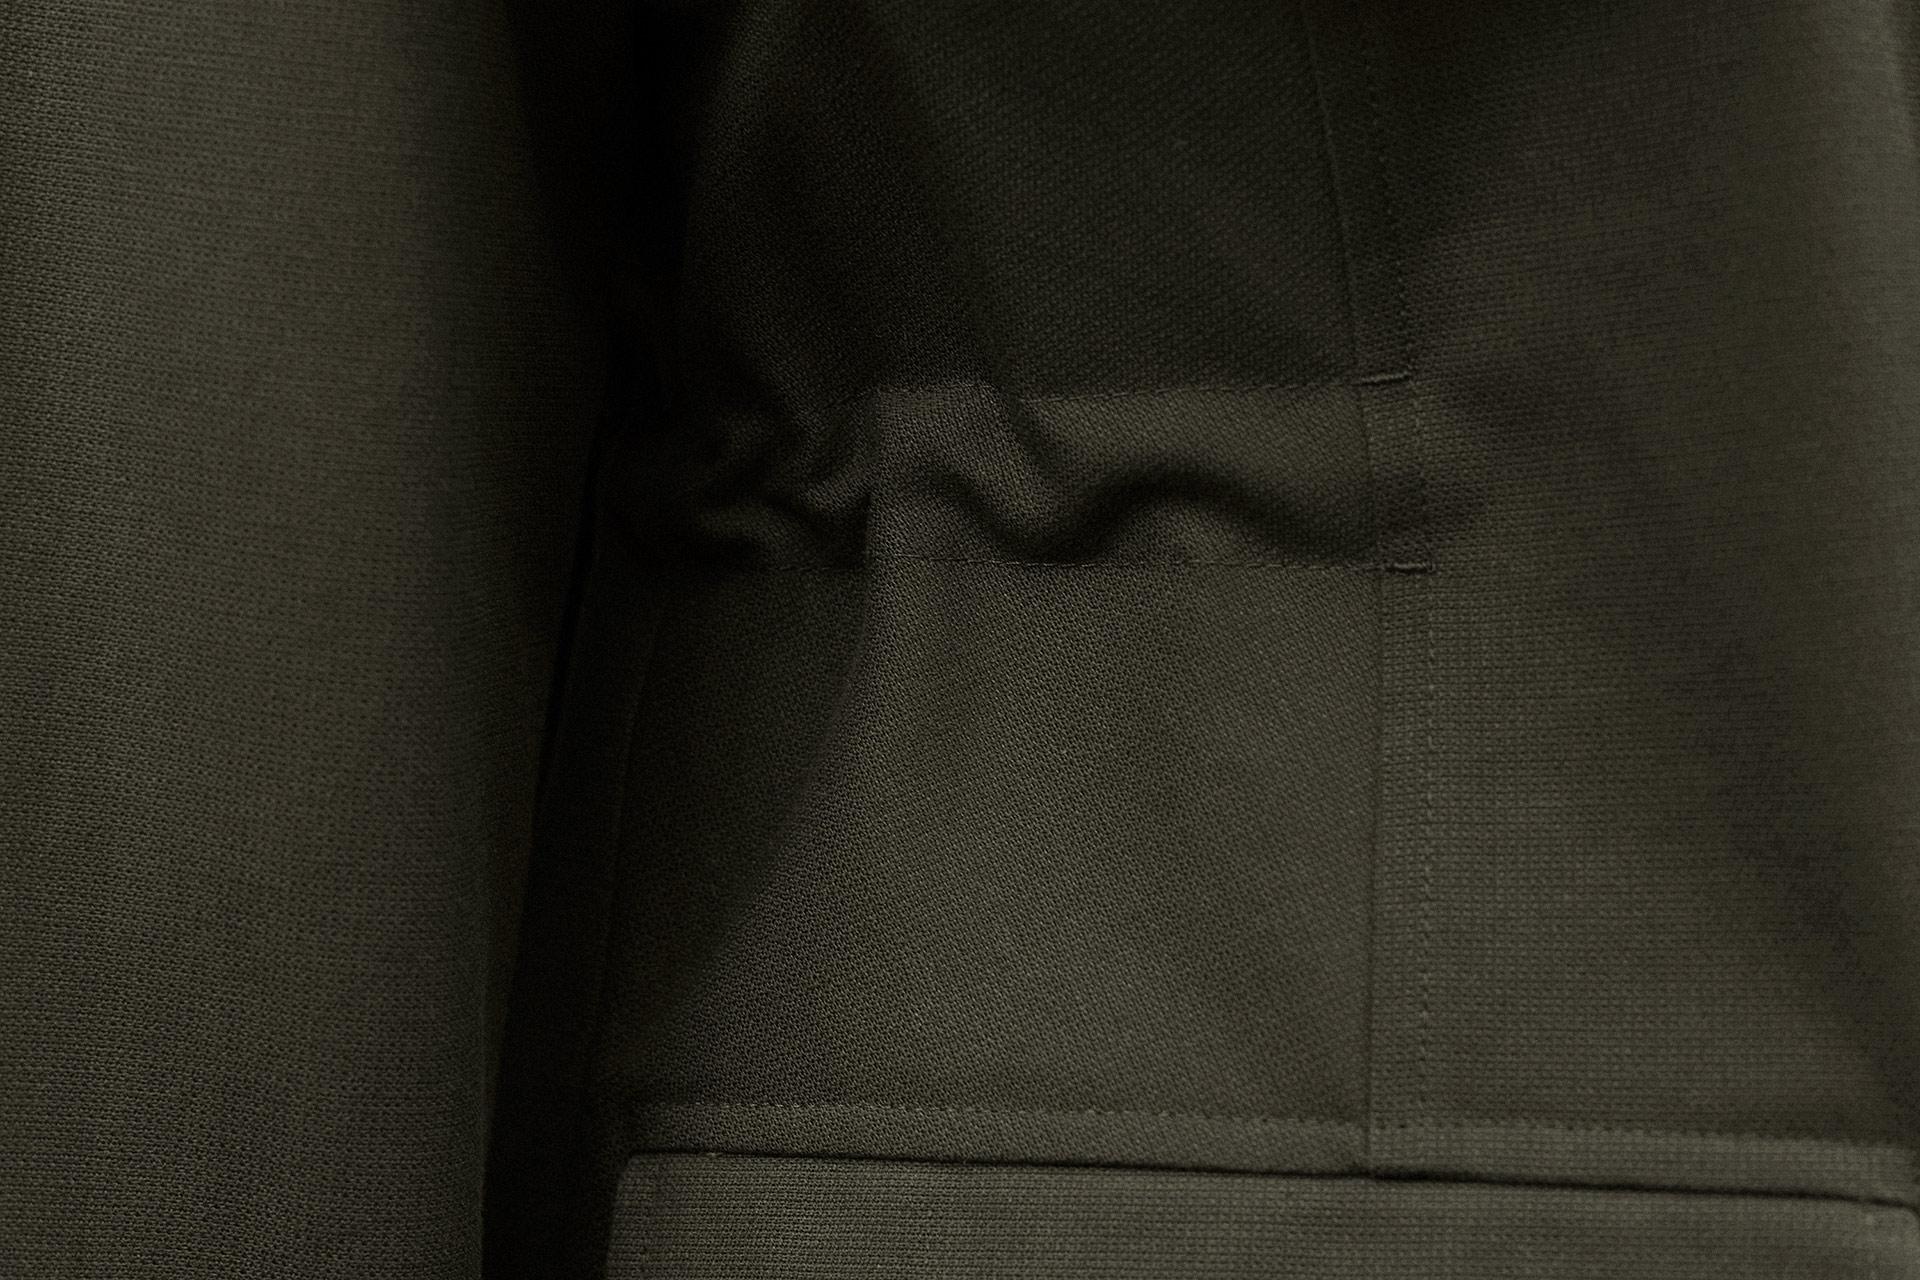 field-jacket-airweave-cotton-green-11@2x.jpg